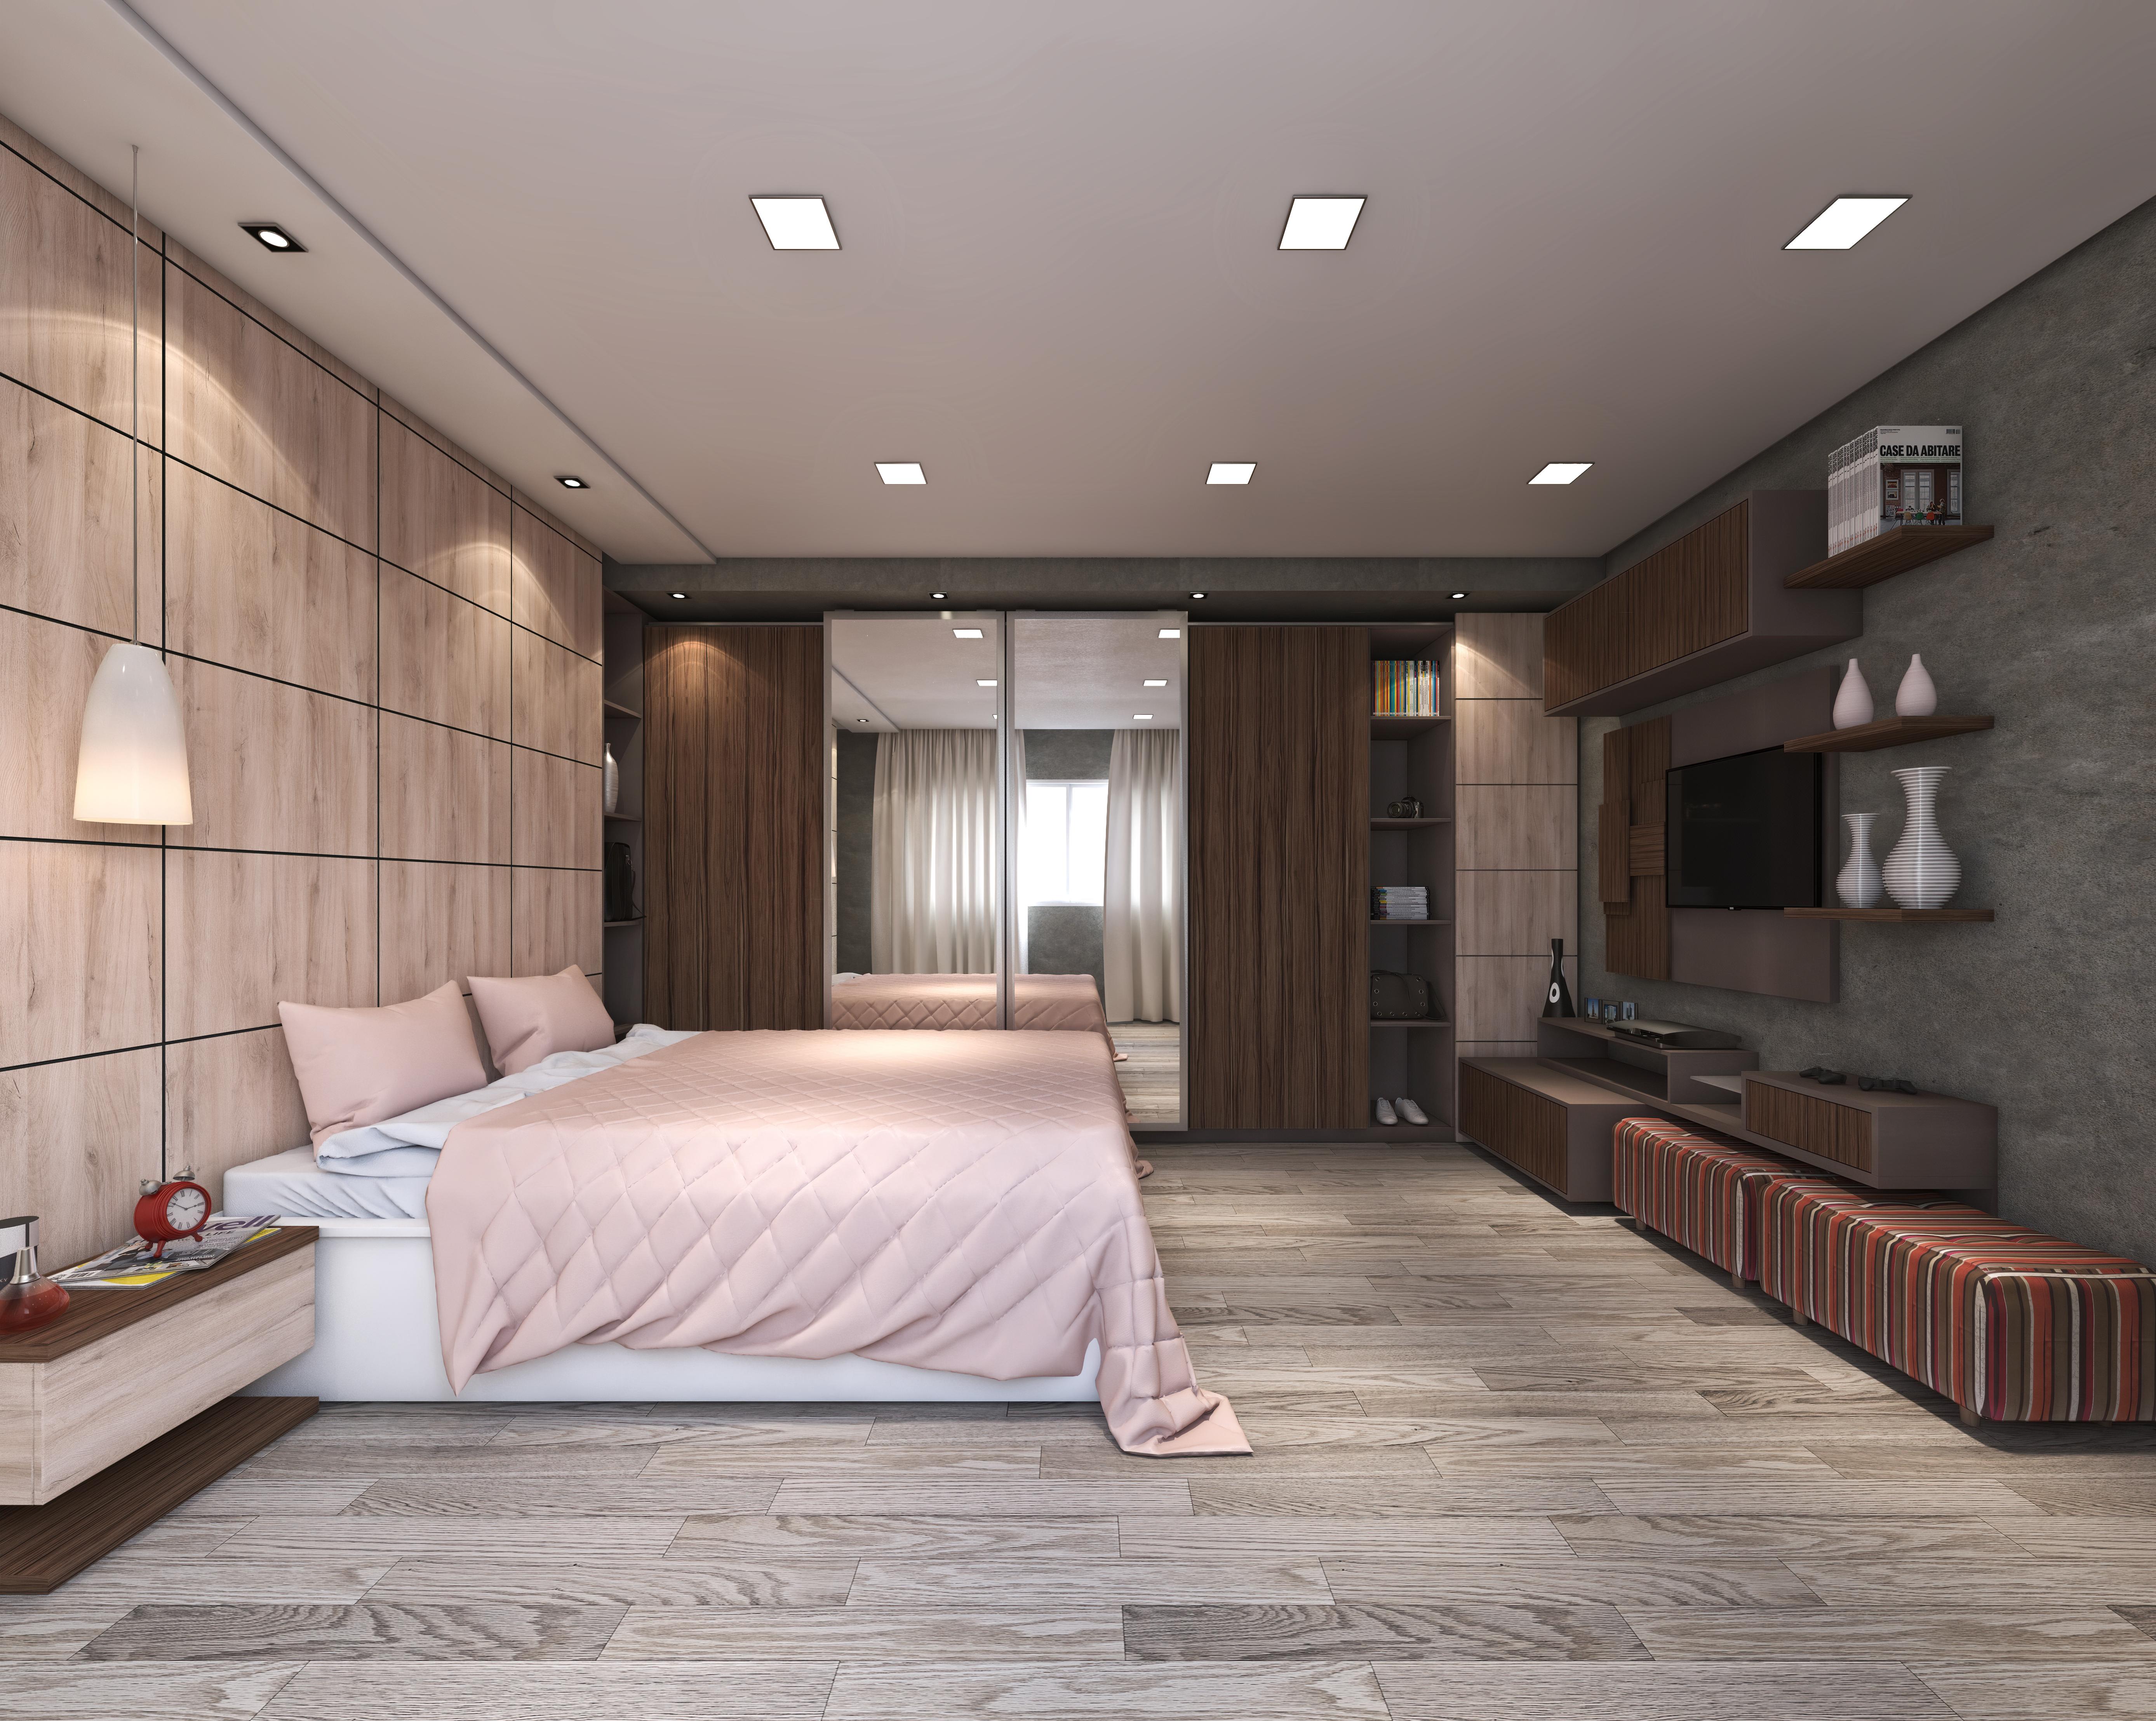 22 Dormitorio Vista Principal